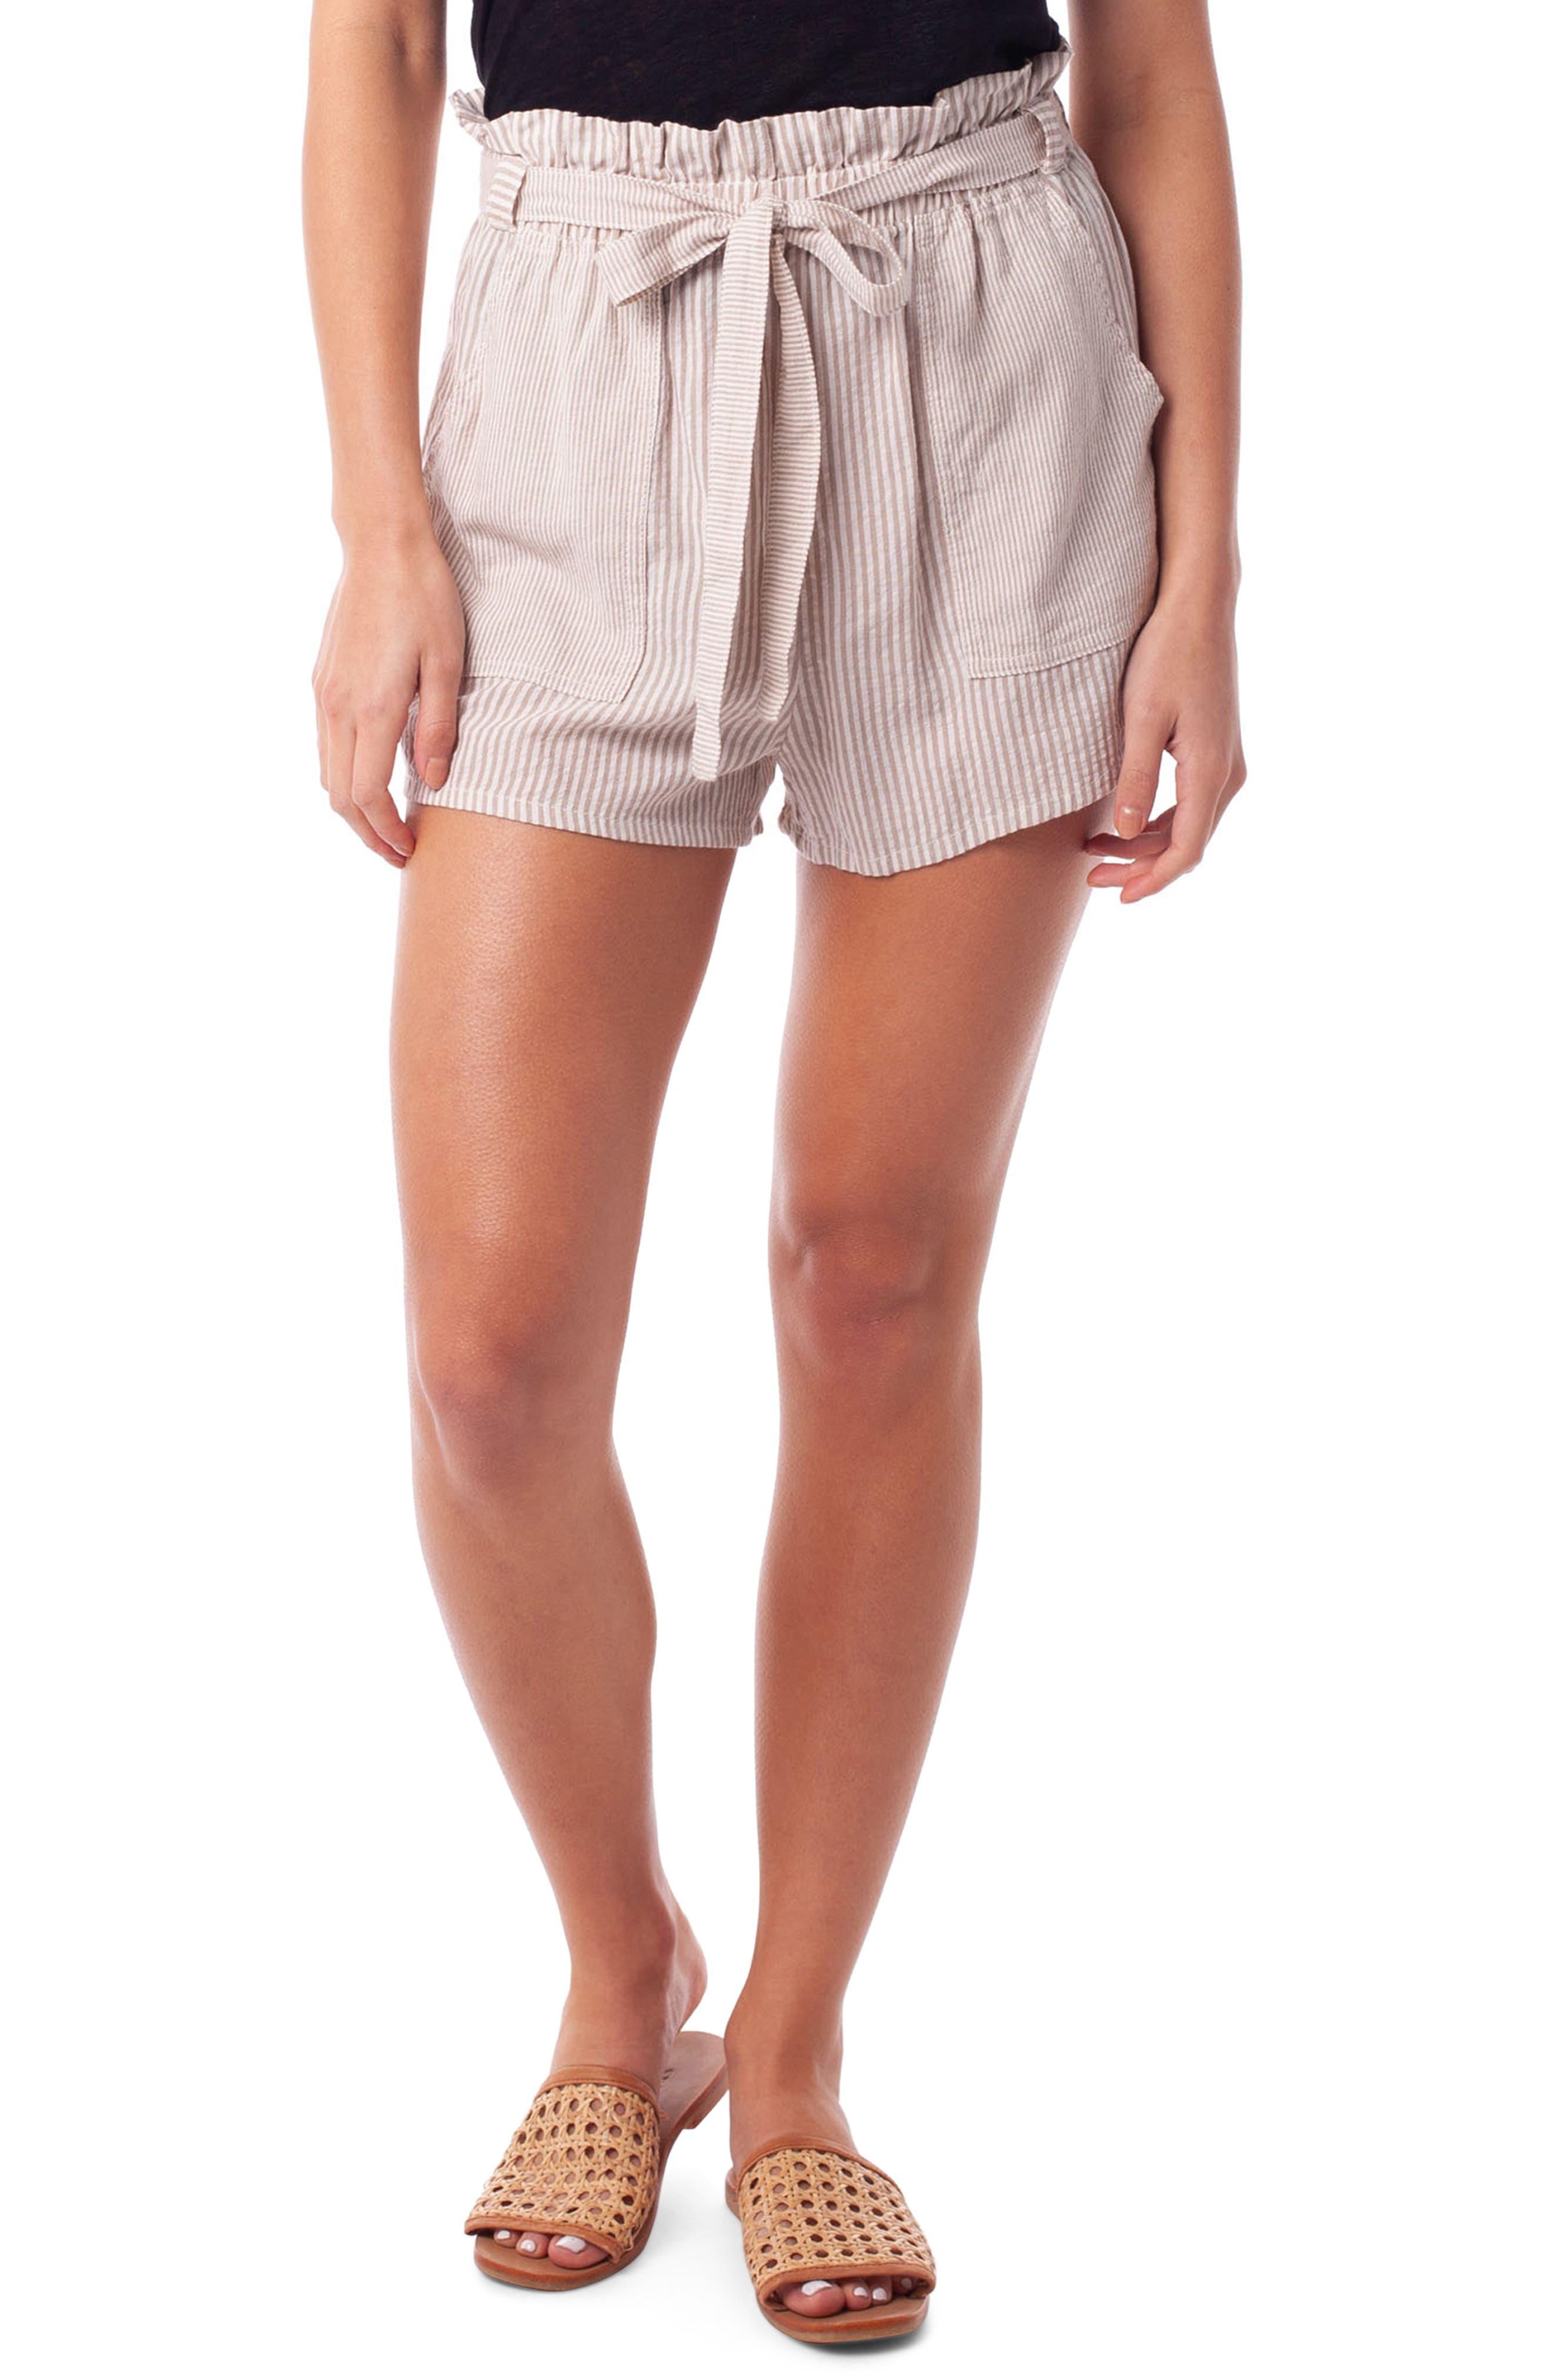 Rhythm Cancun Seersucker Cover-Up Shorts, Beige